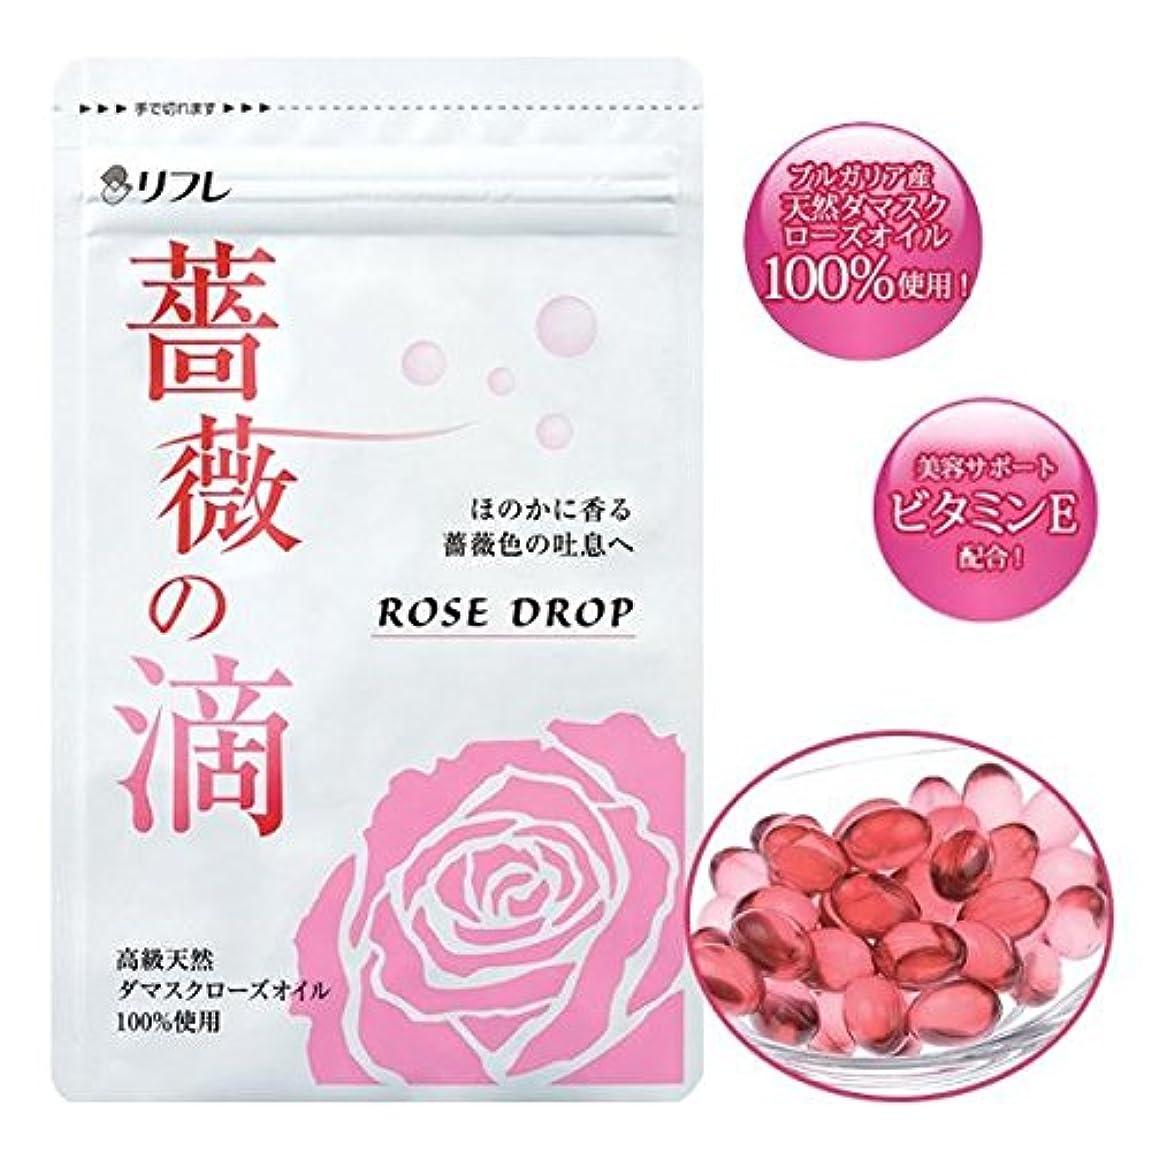 成熟した電話配列リフレ ローズサプリ 薔薇の滴(ばらのしずく) 1袋62粒(約1ヵ月分) 日本製 Japan